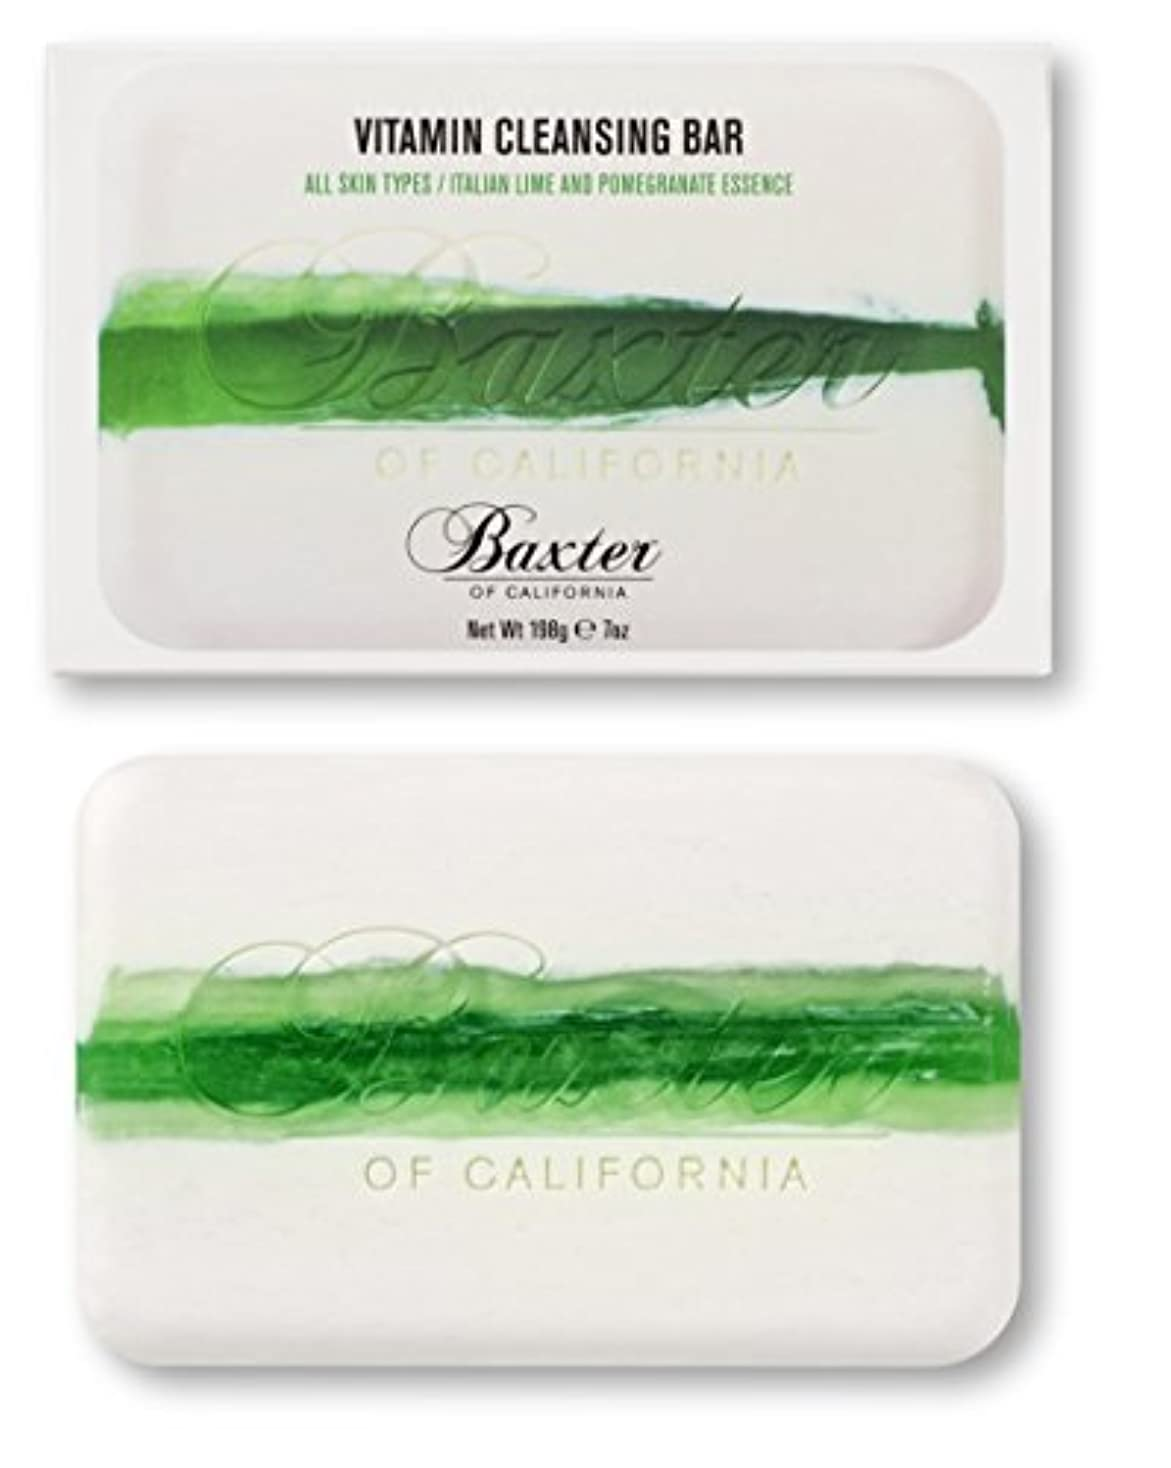 Baxter OF CALIFORNIA(バクスター オブ カリフォルニア) ビタミンクレンジングバー イタリアンライム&ポメグラネート 198g